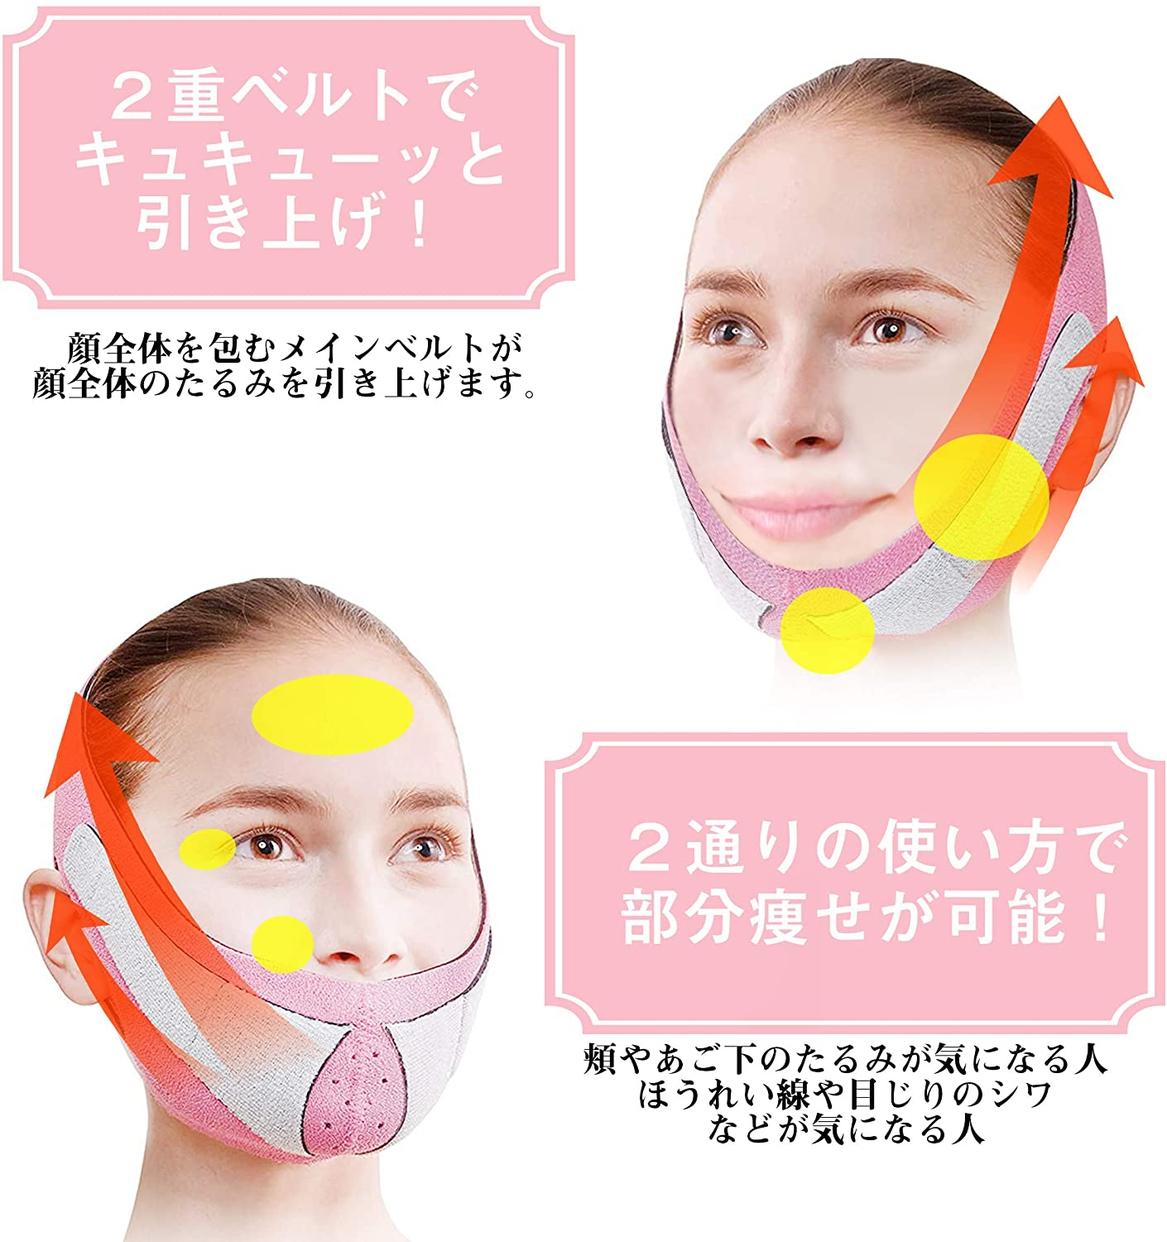 Magic-Yell(マジックエール) エステ小顔マスクの商品画像5